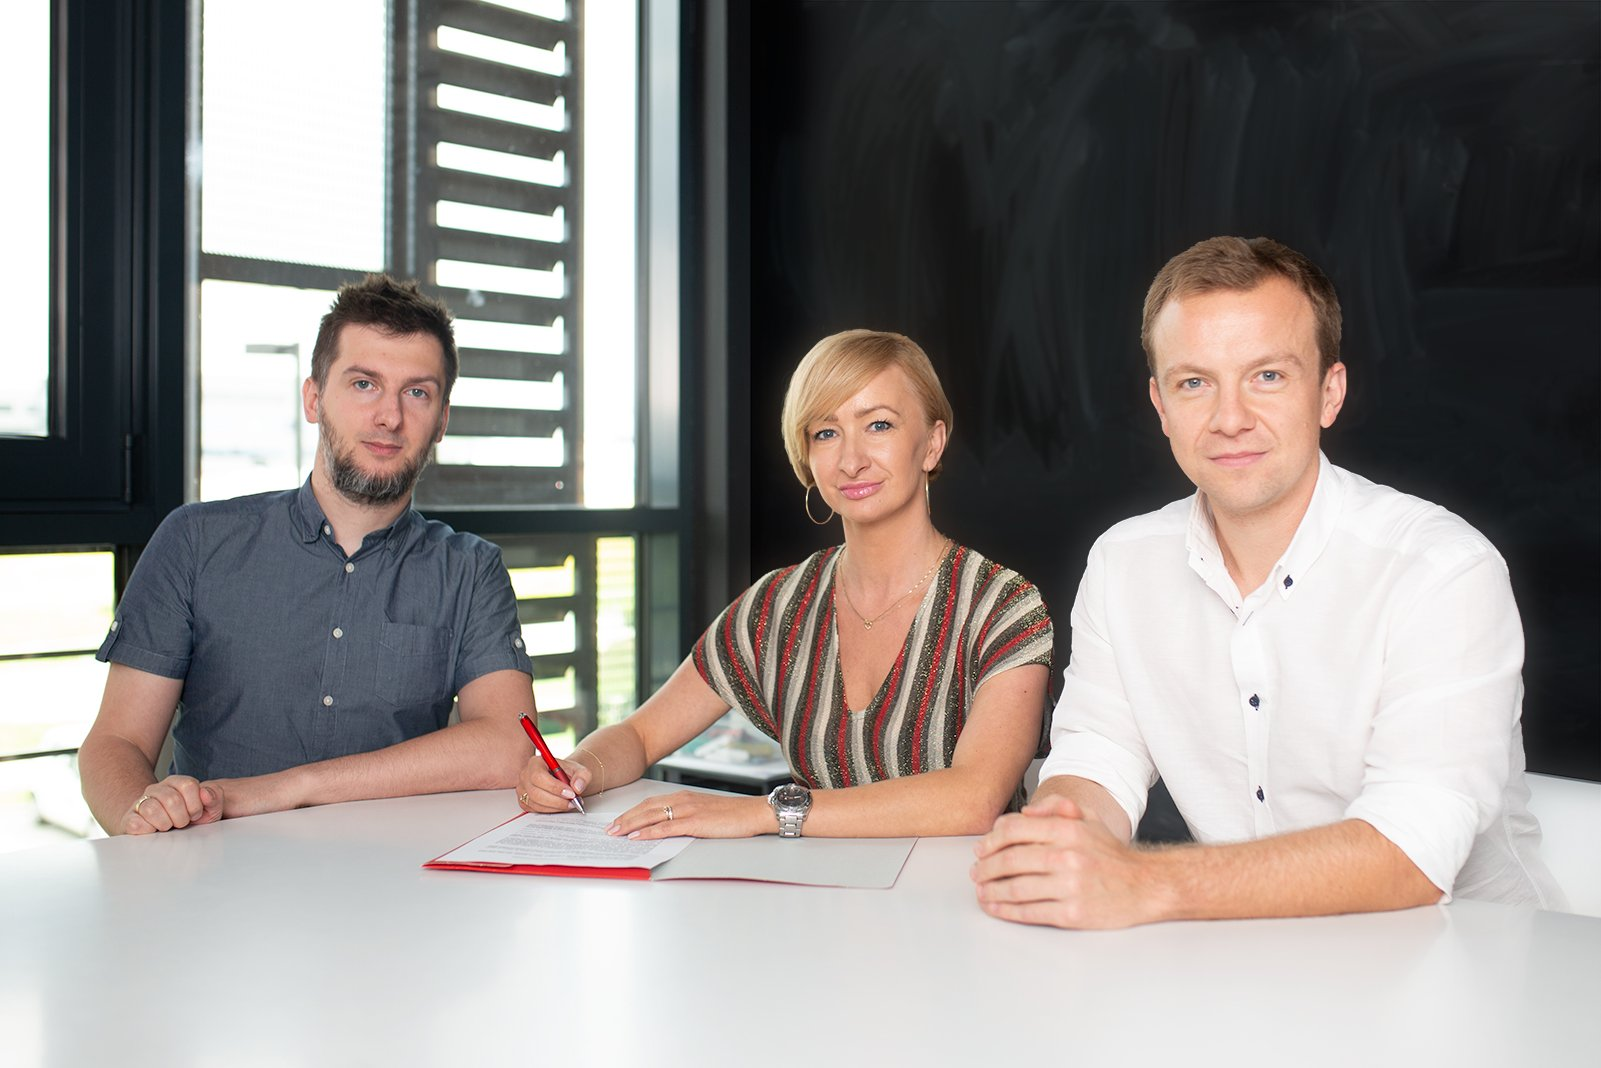 Od lewej: Krzysztof Marzec, Patrycja Sass-Staniszewska, Grzegorz Miłkowski